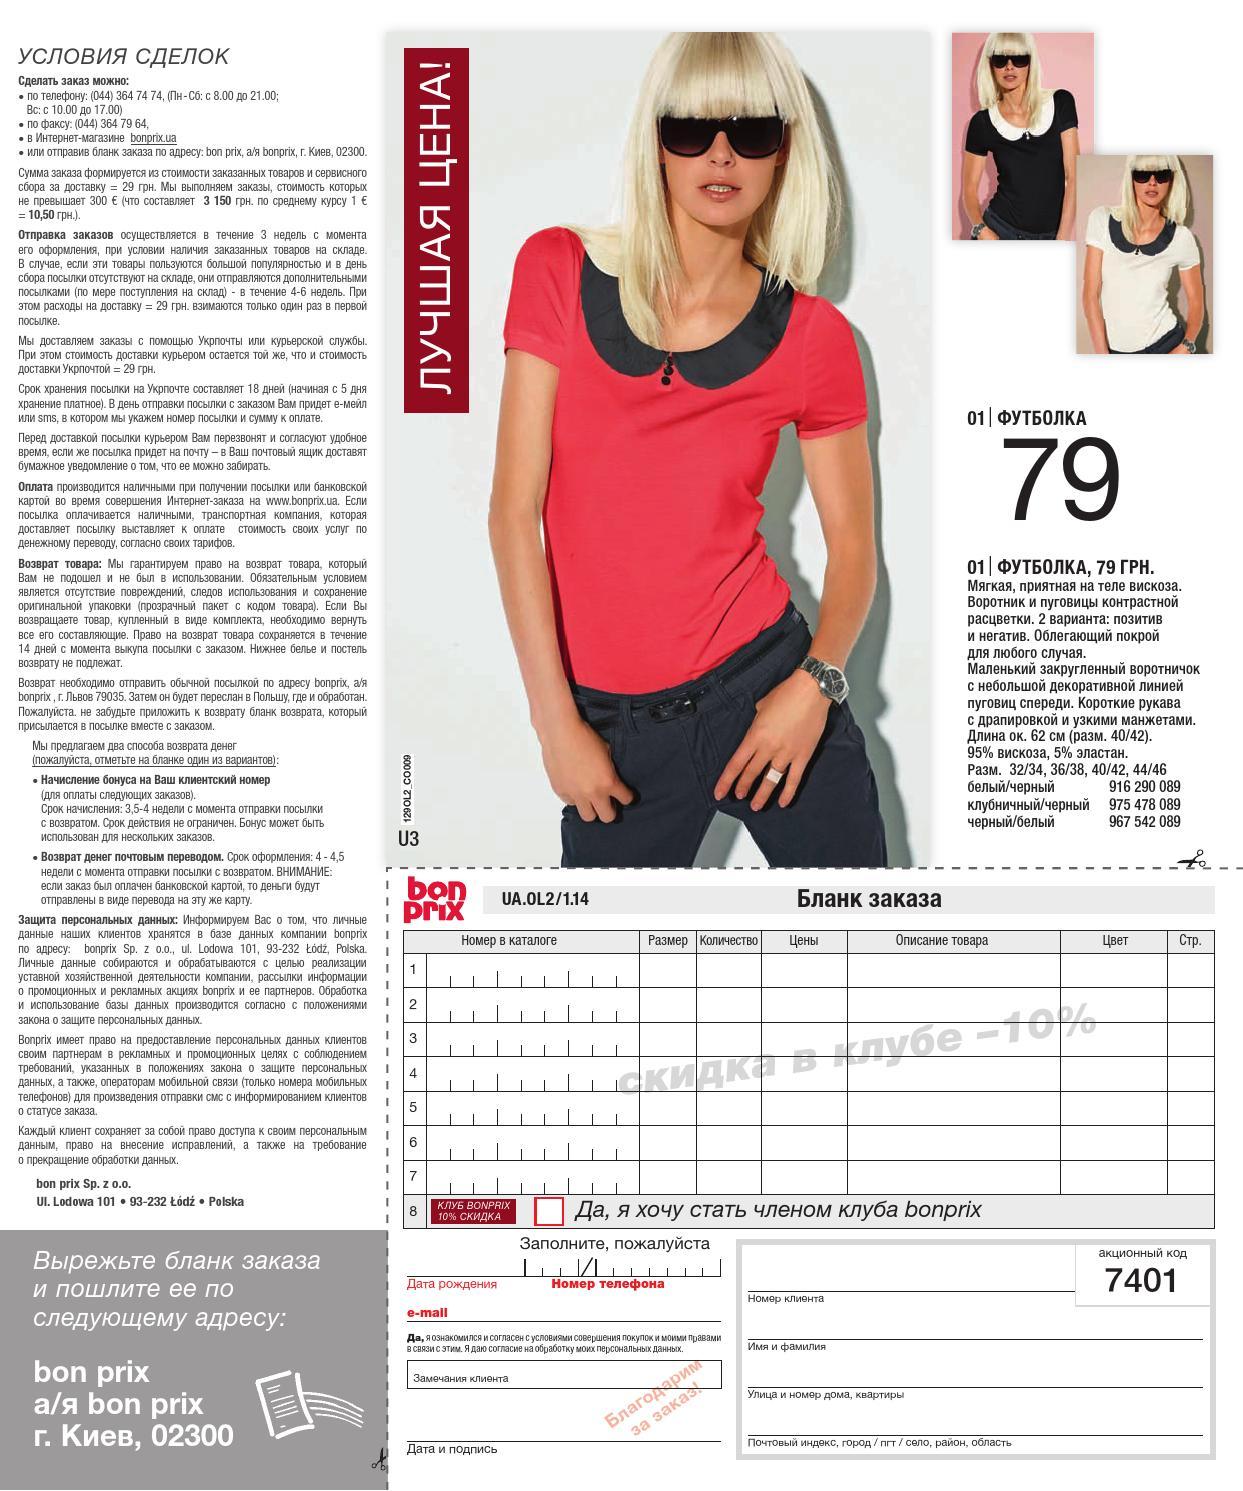 Покупки в бонприкс, bonprix - отзывы Женский журнал 3